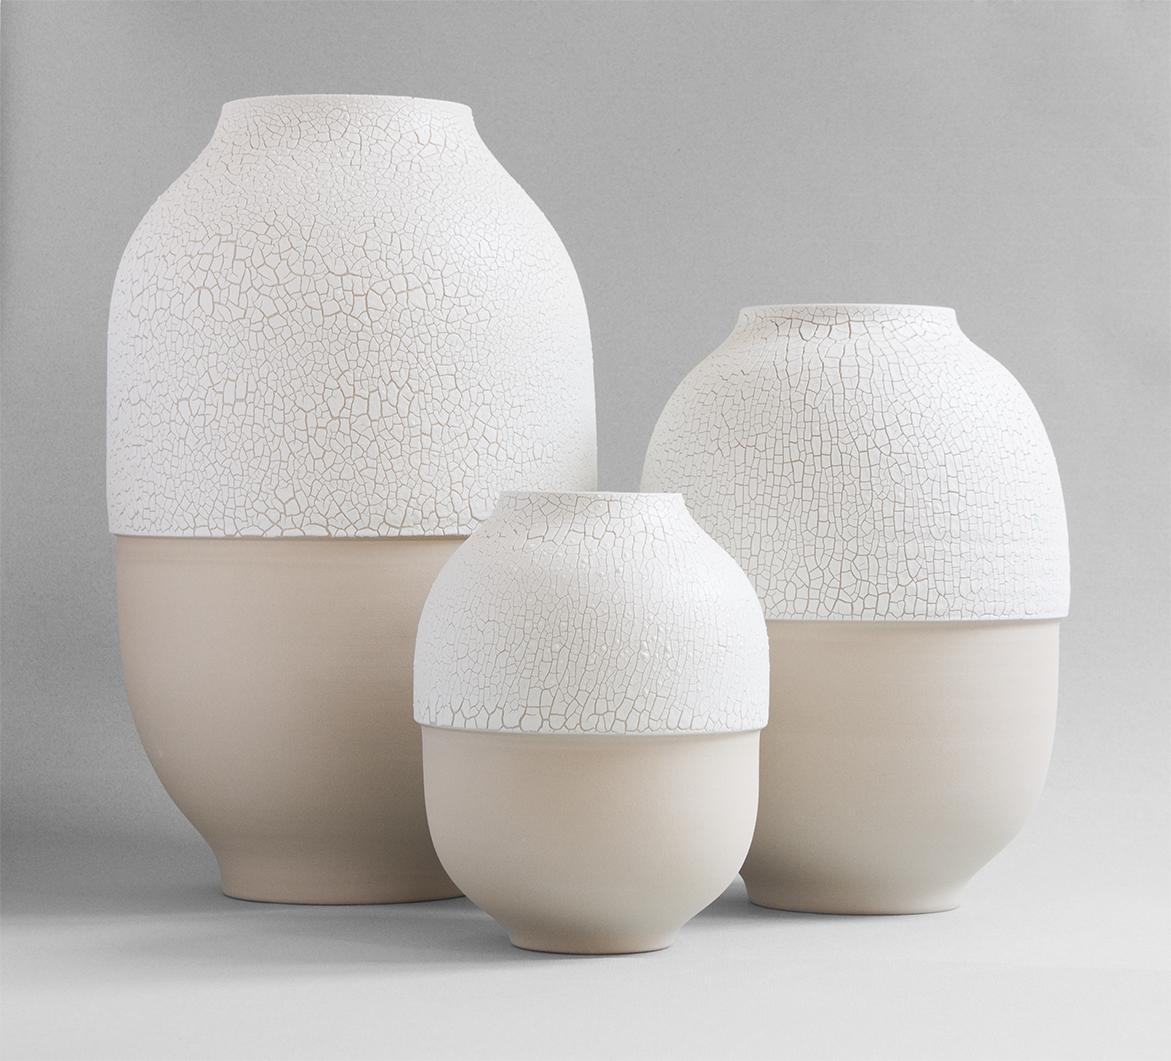 josefina-munoz-design-atacama-vases-ceramic